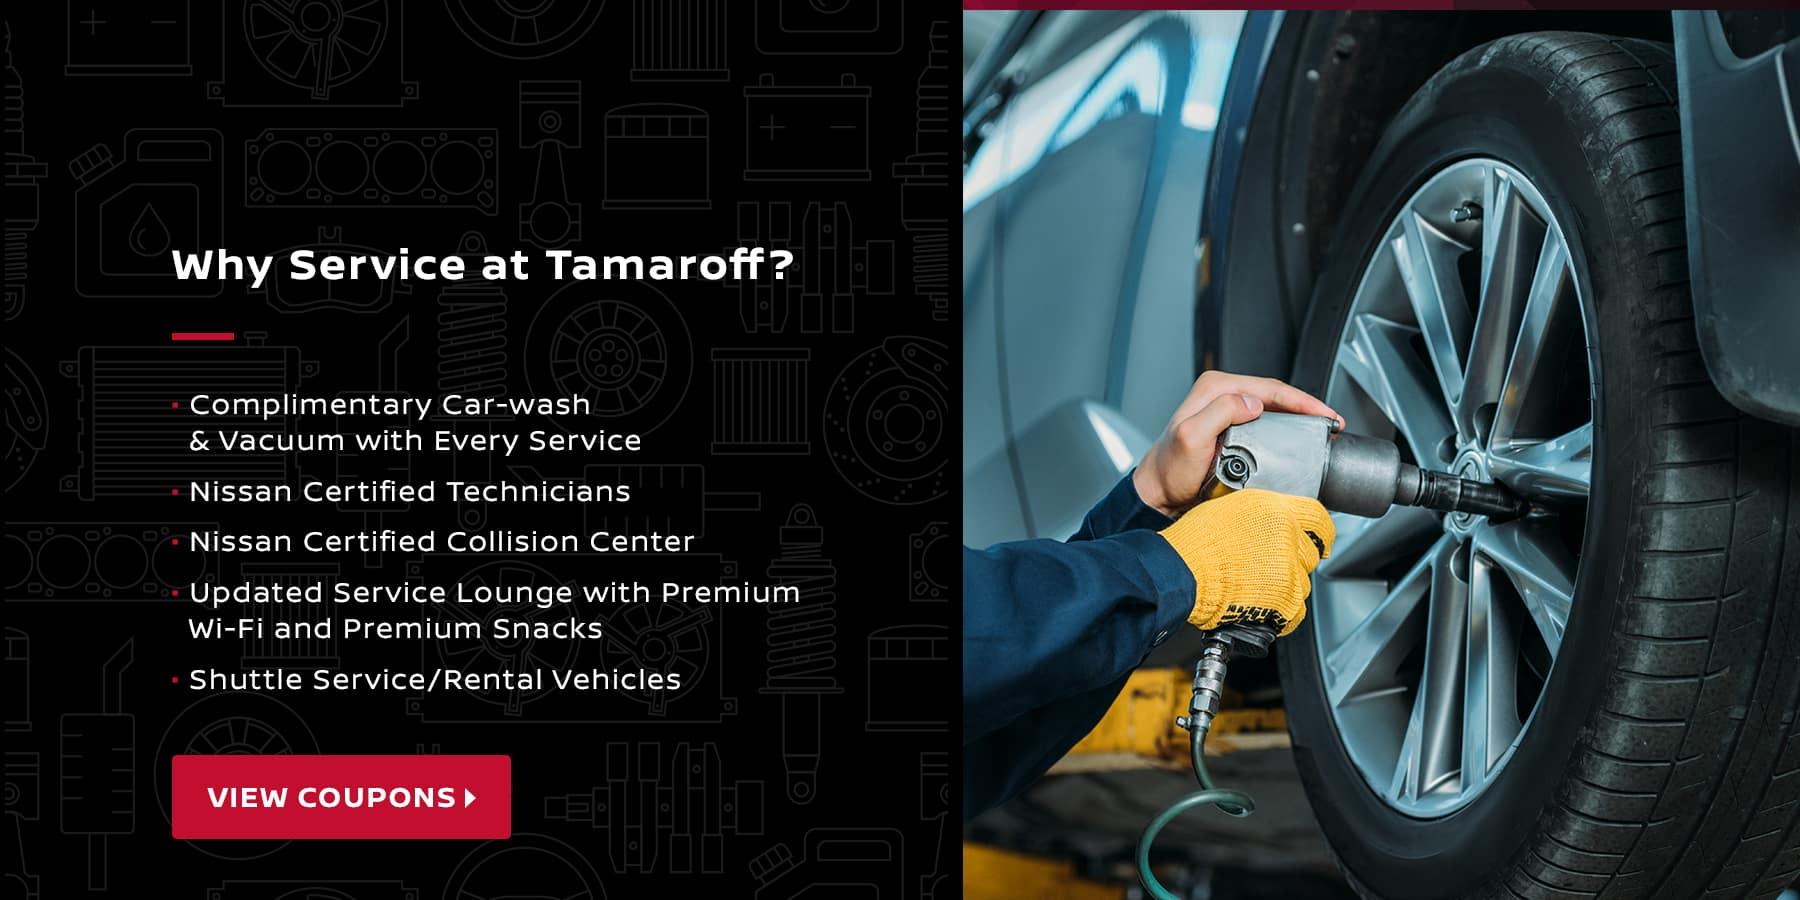 Why Service at Tamaroff